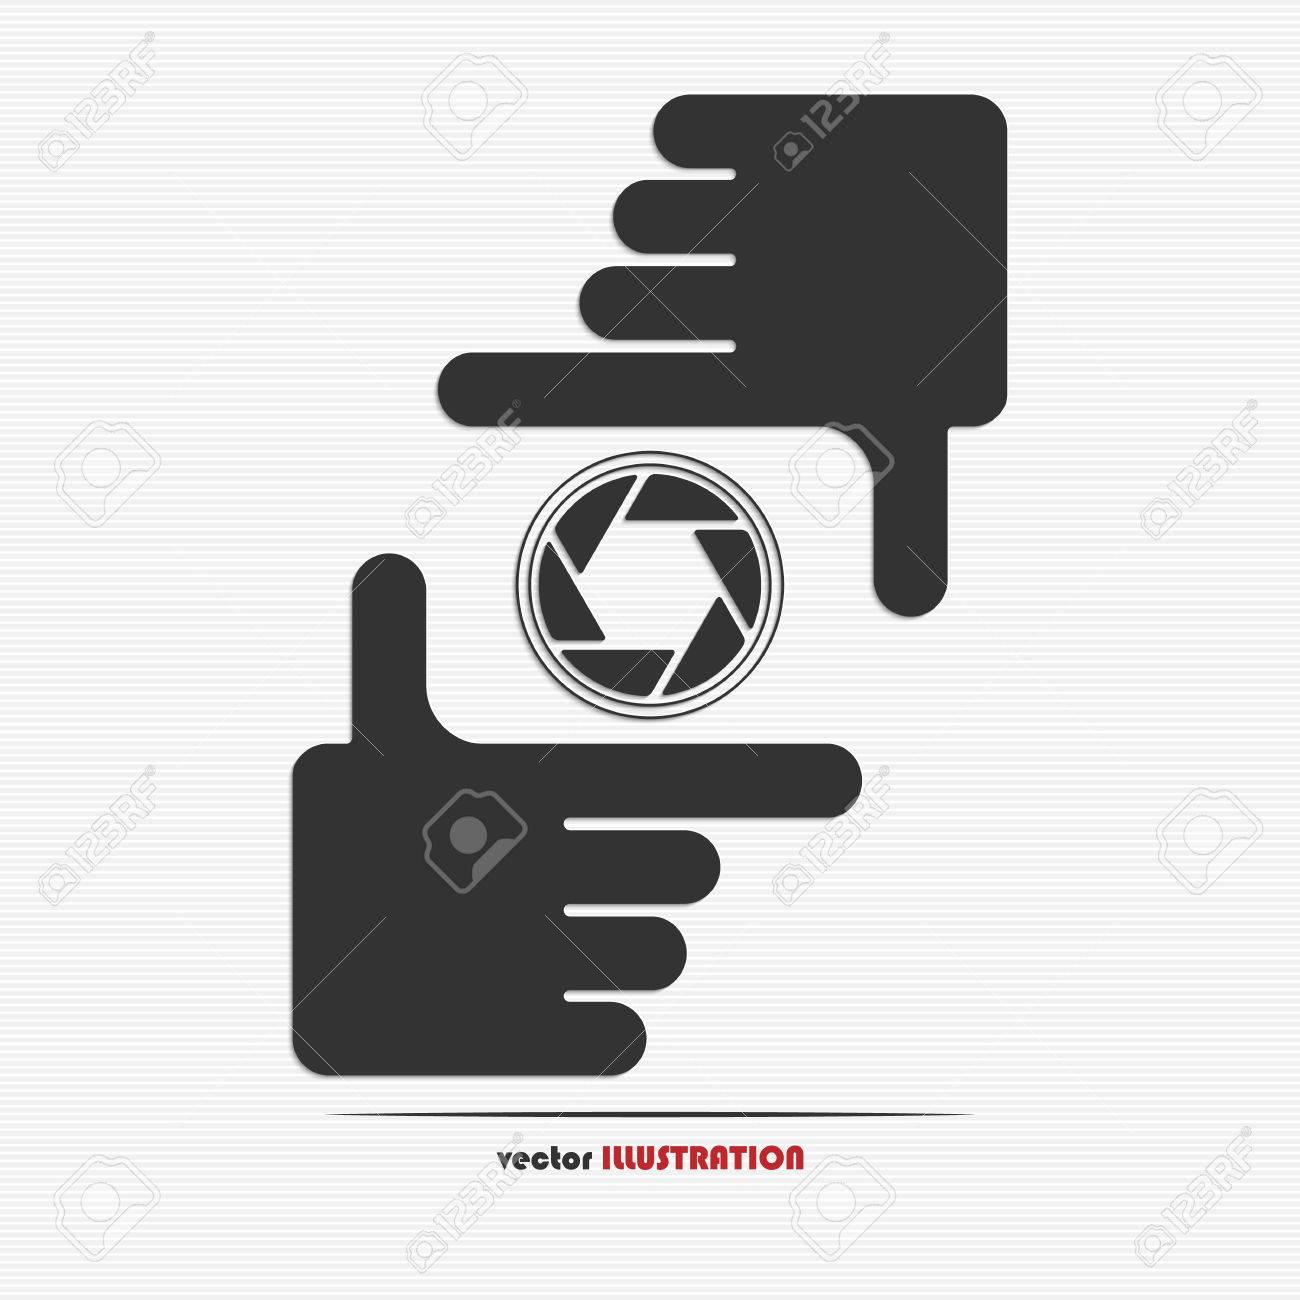 Manos Encuadre Y Web Icono Diafragma Para Su Diseño Ilustraciones ...